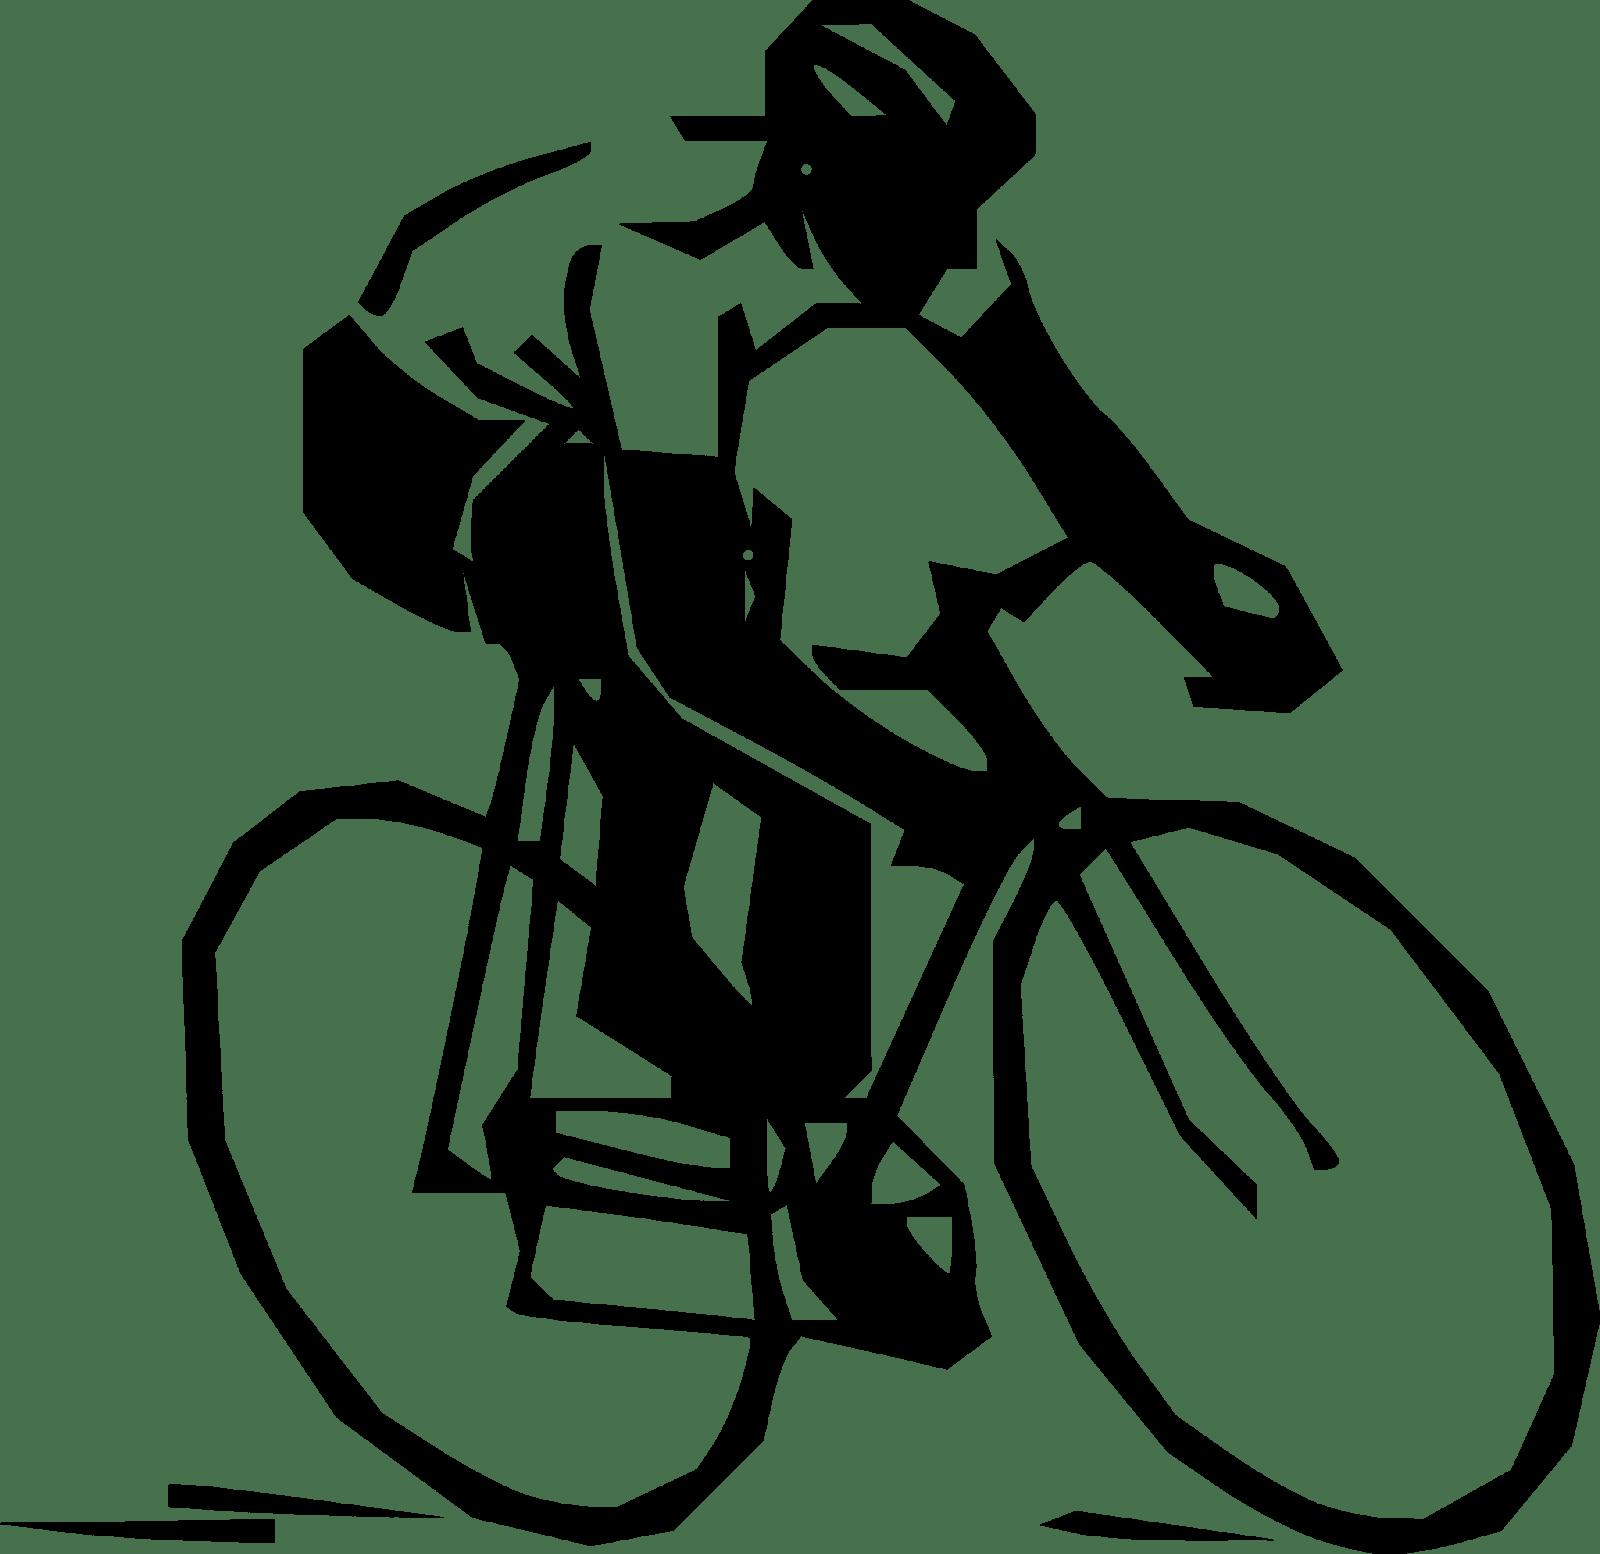 cycling clipart bike ride